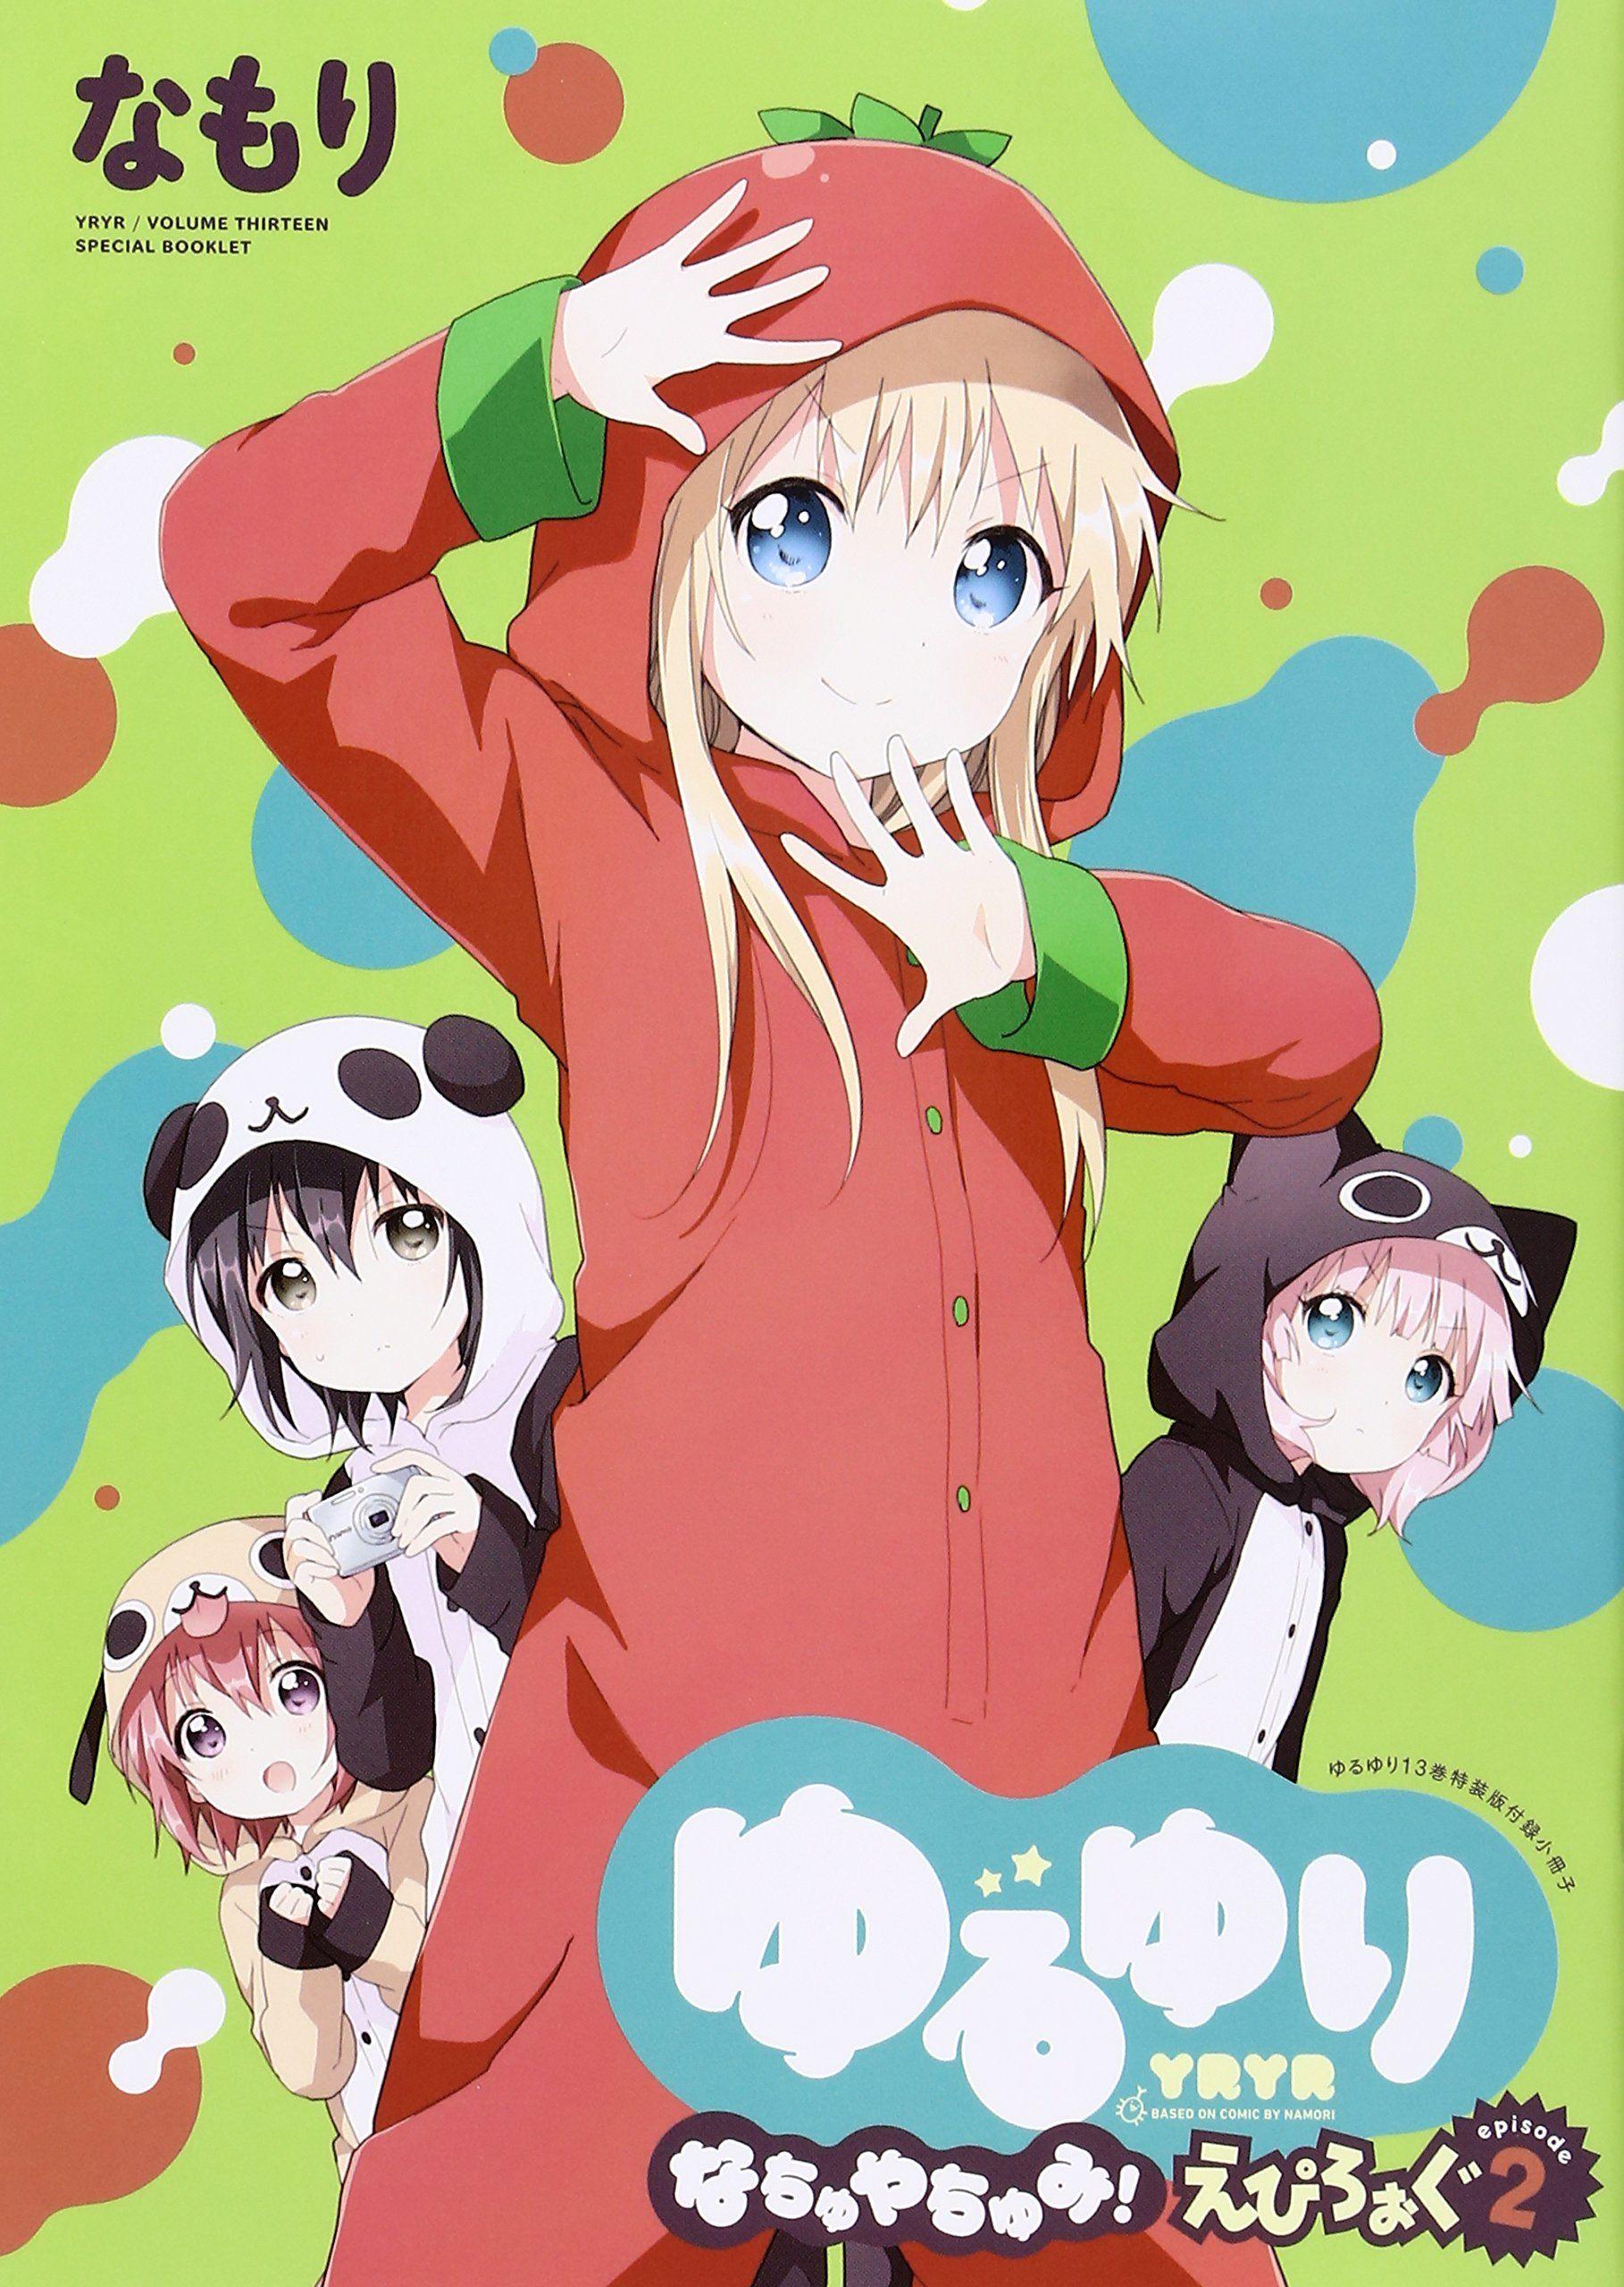 Amazon.co.jp: ゆるゆり (13)巻 特装版 (IDコミックス 百合姫コミックス) なもり 本